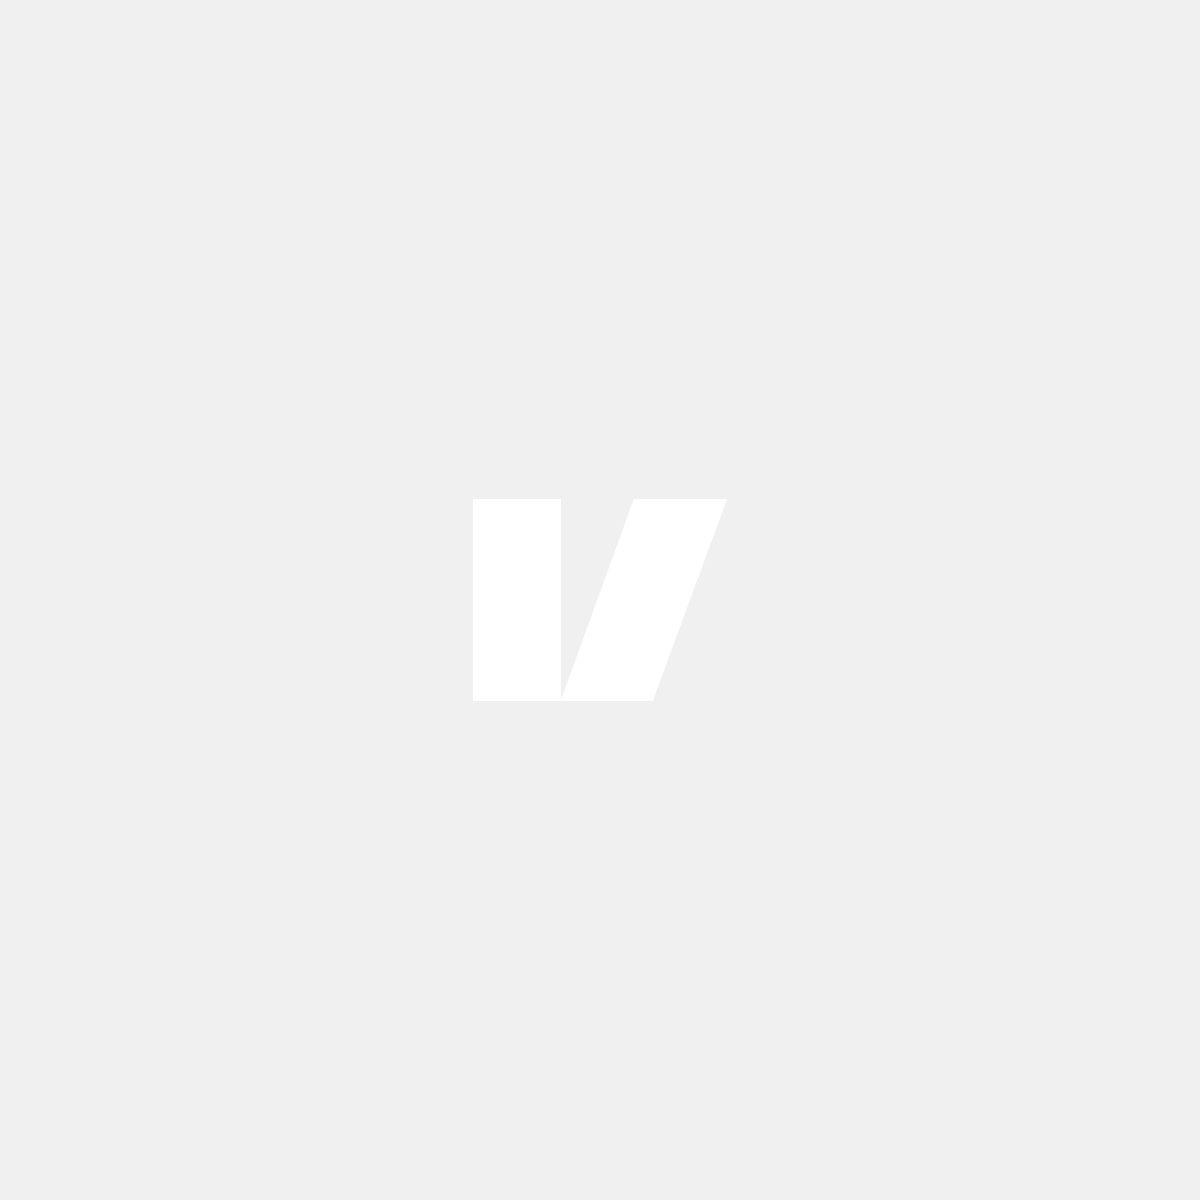 Regnavvisare för backspeglar till Volvo S60, V60